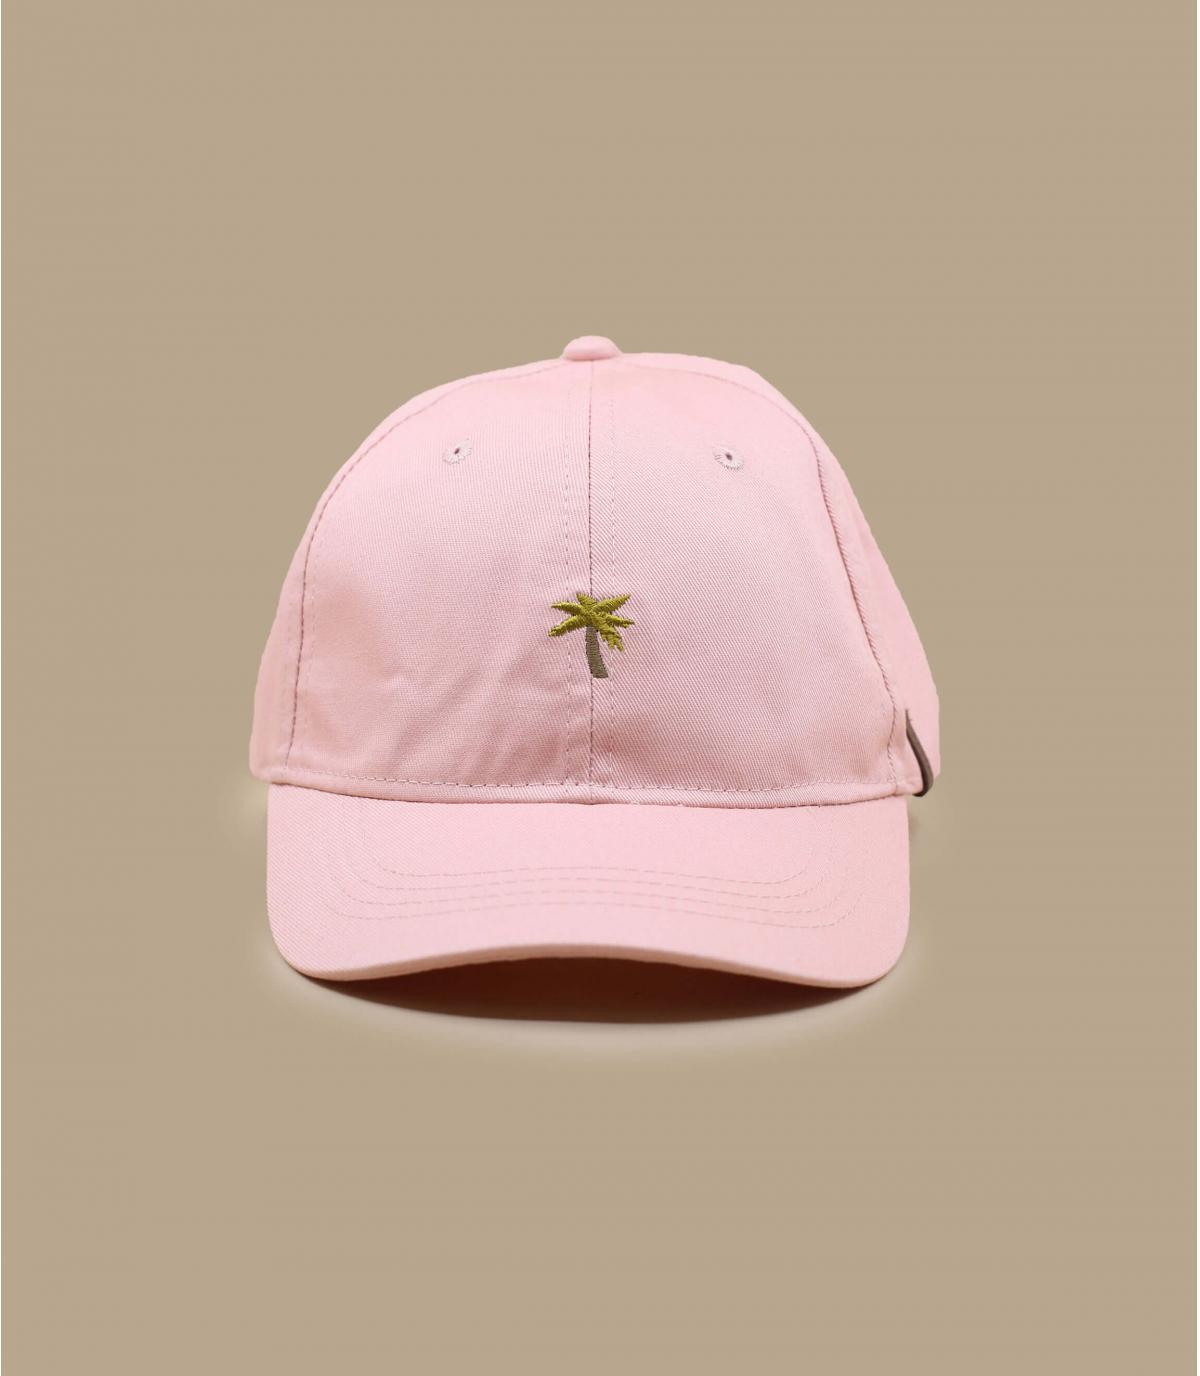 Détails Posse dusty pink - image 2